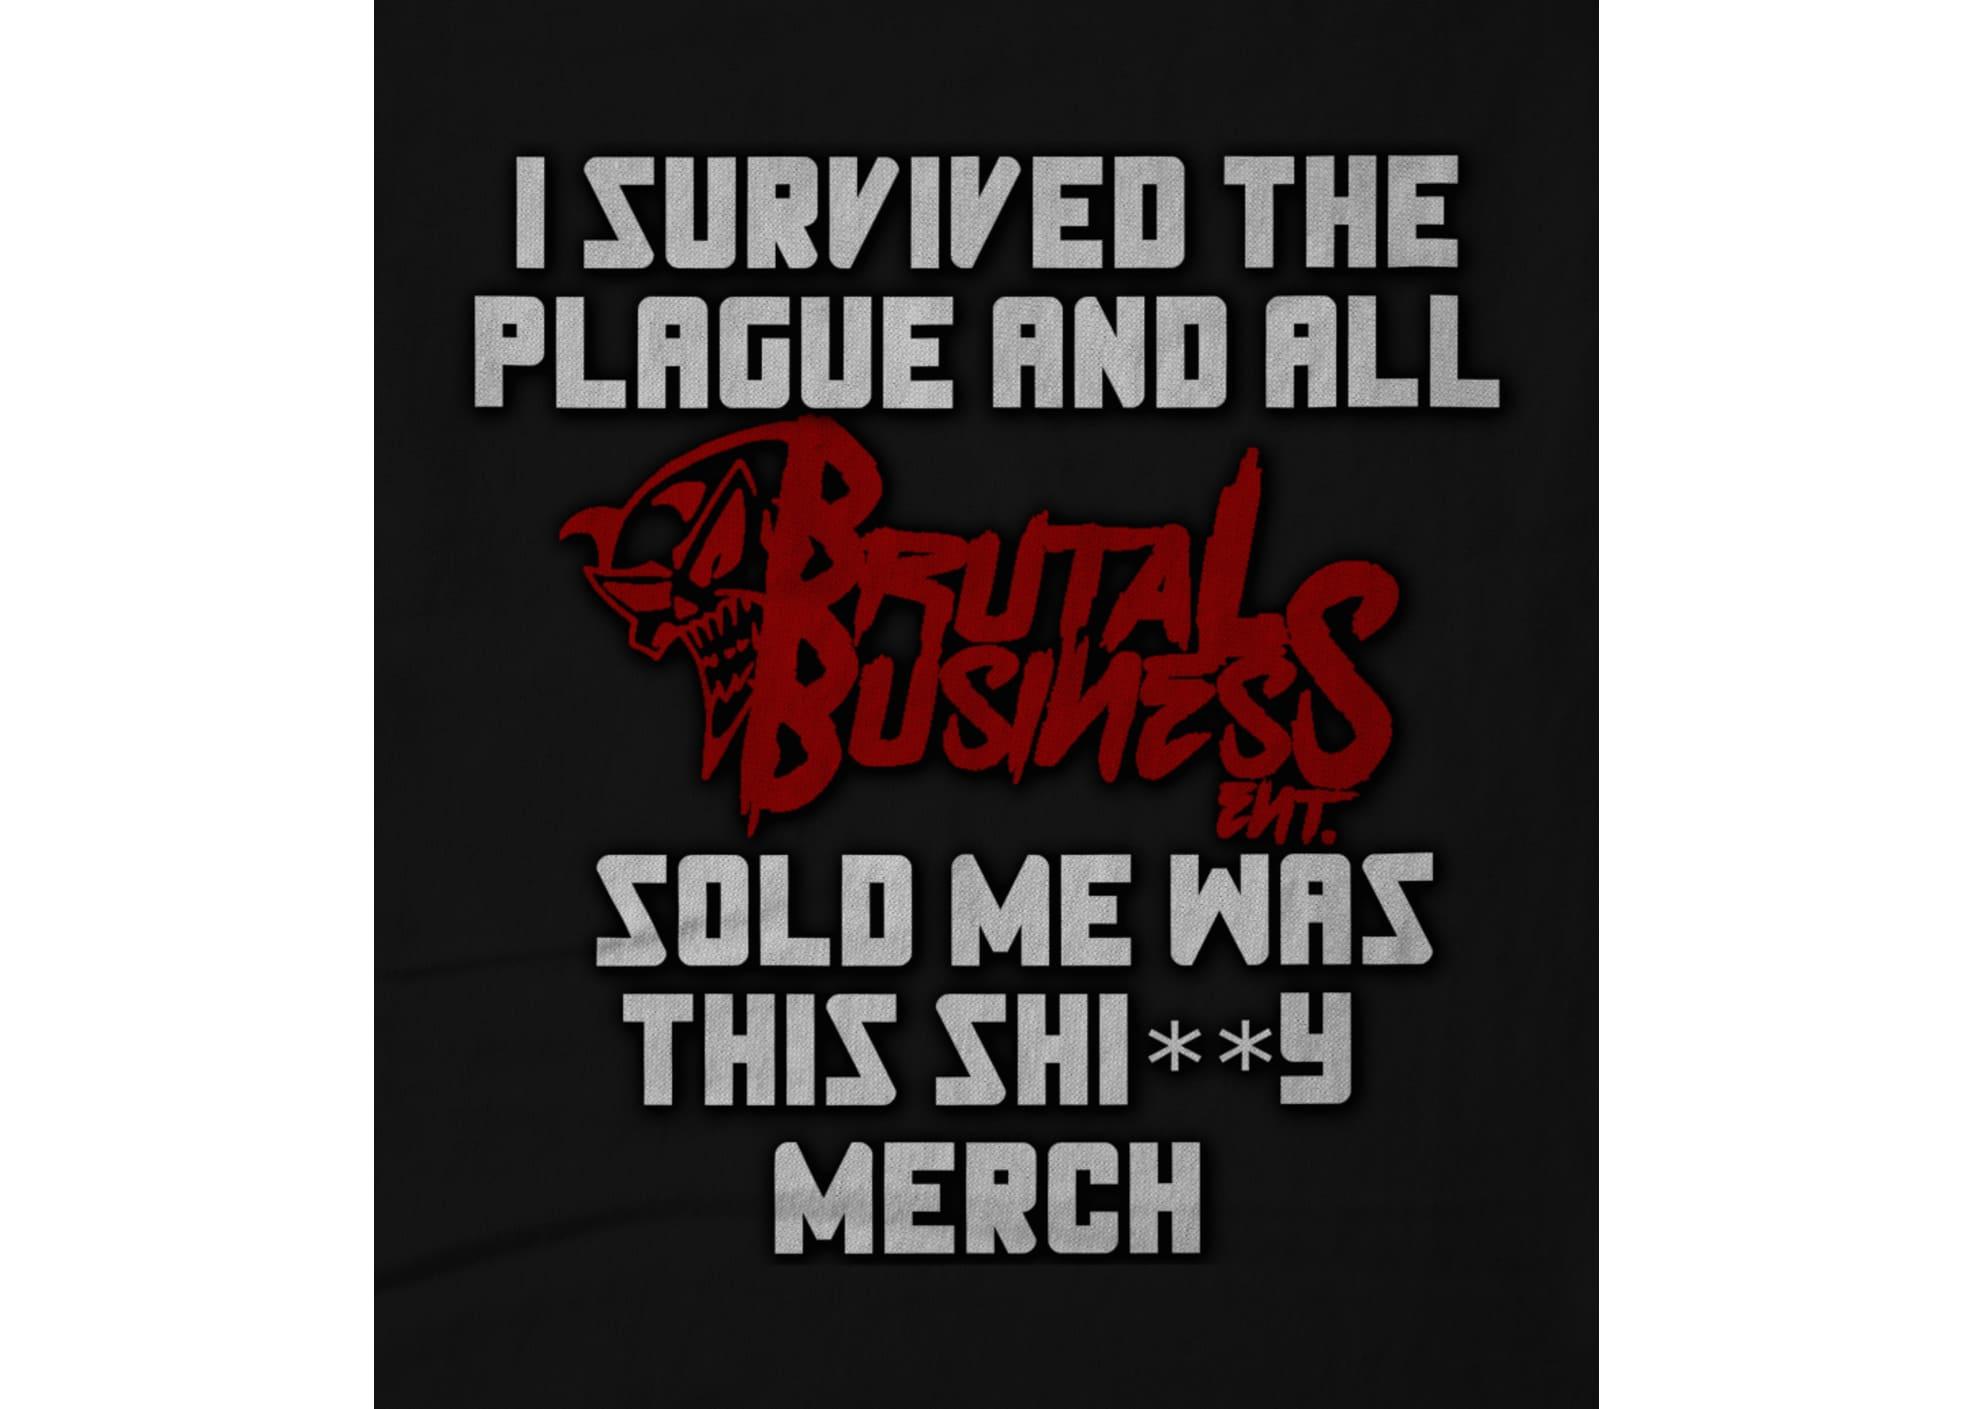 Brutal business ent all i got 1600129314